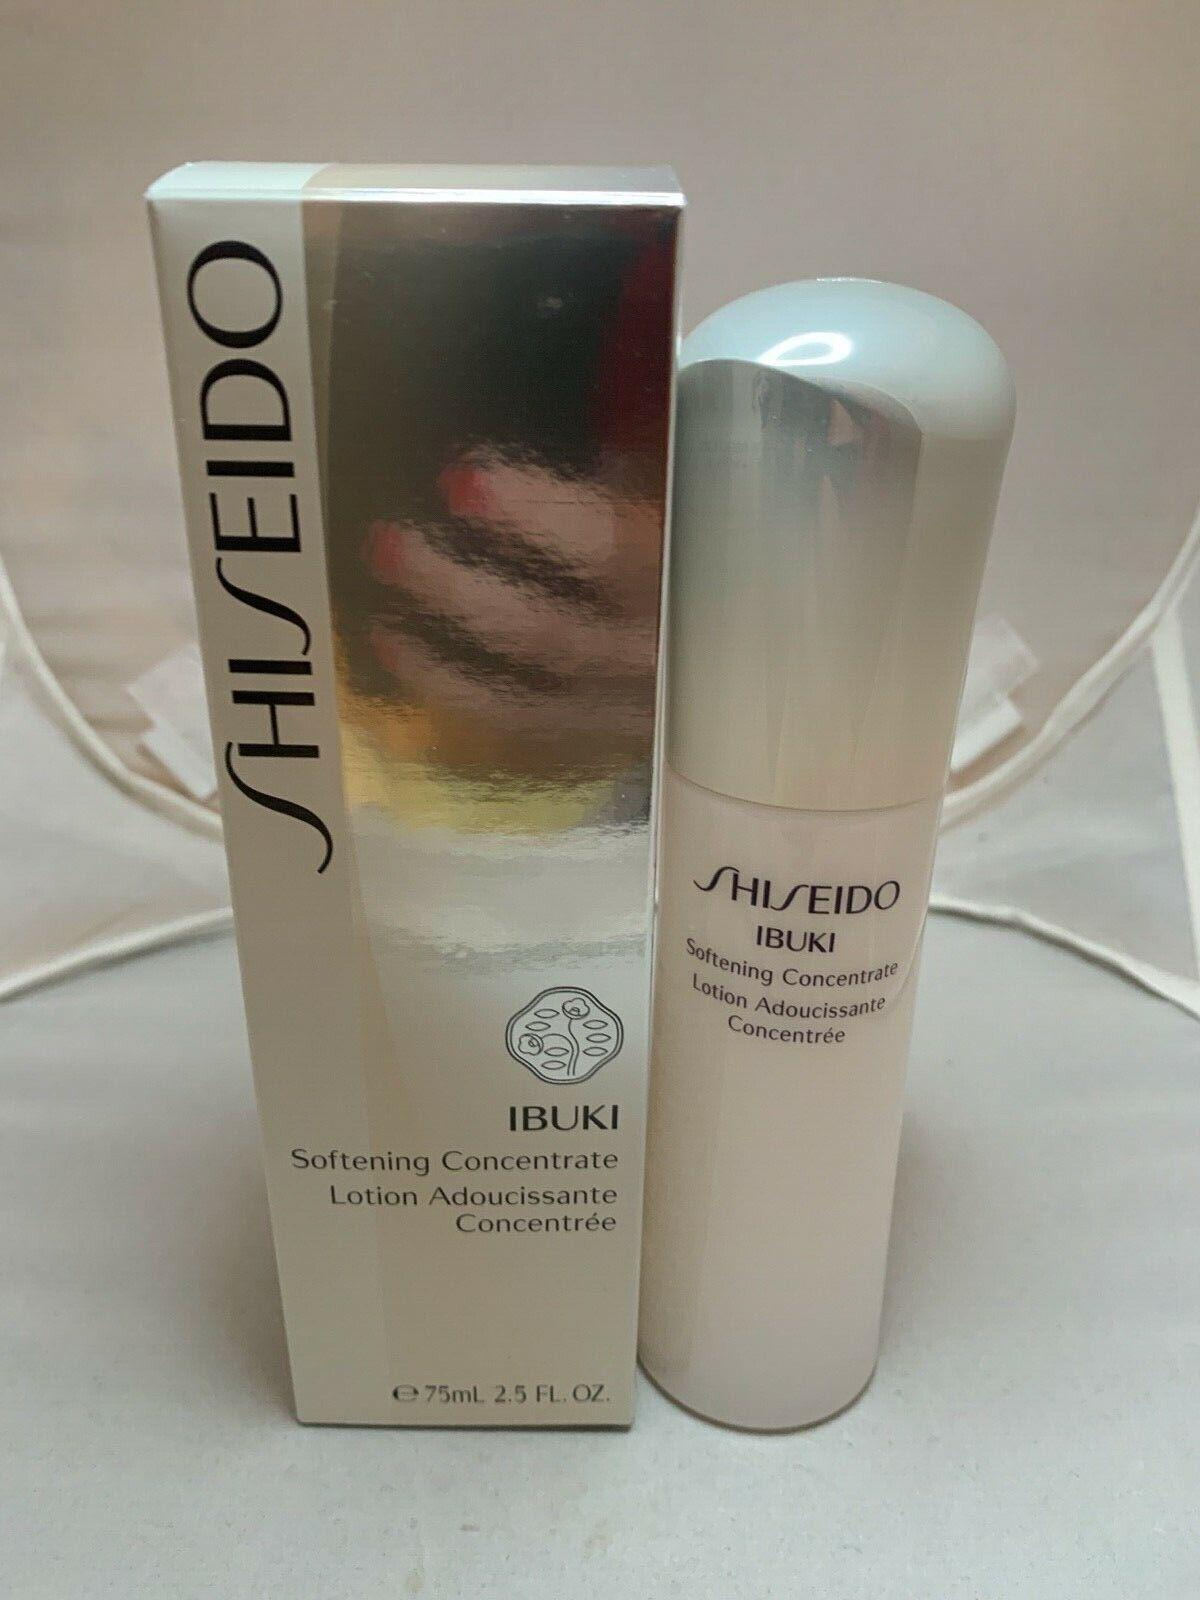 Shiseido Ibuki Softening Concentrate Lotion 2.5 oz 75 ml New